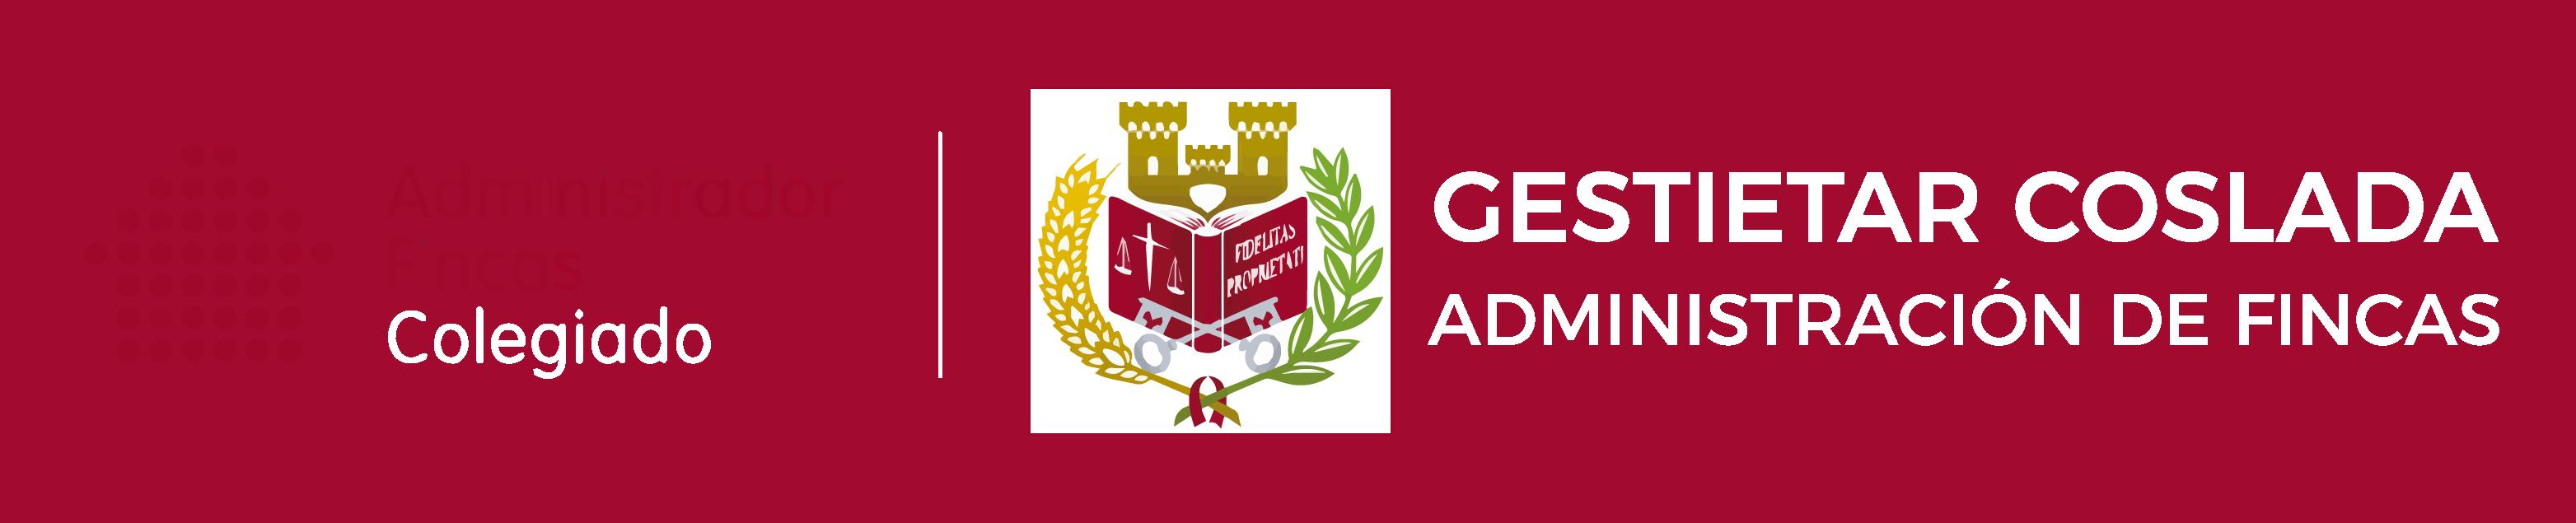 Administradores de Fincas en Madrid Gestietar Coslada